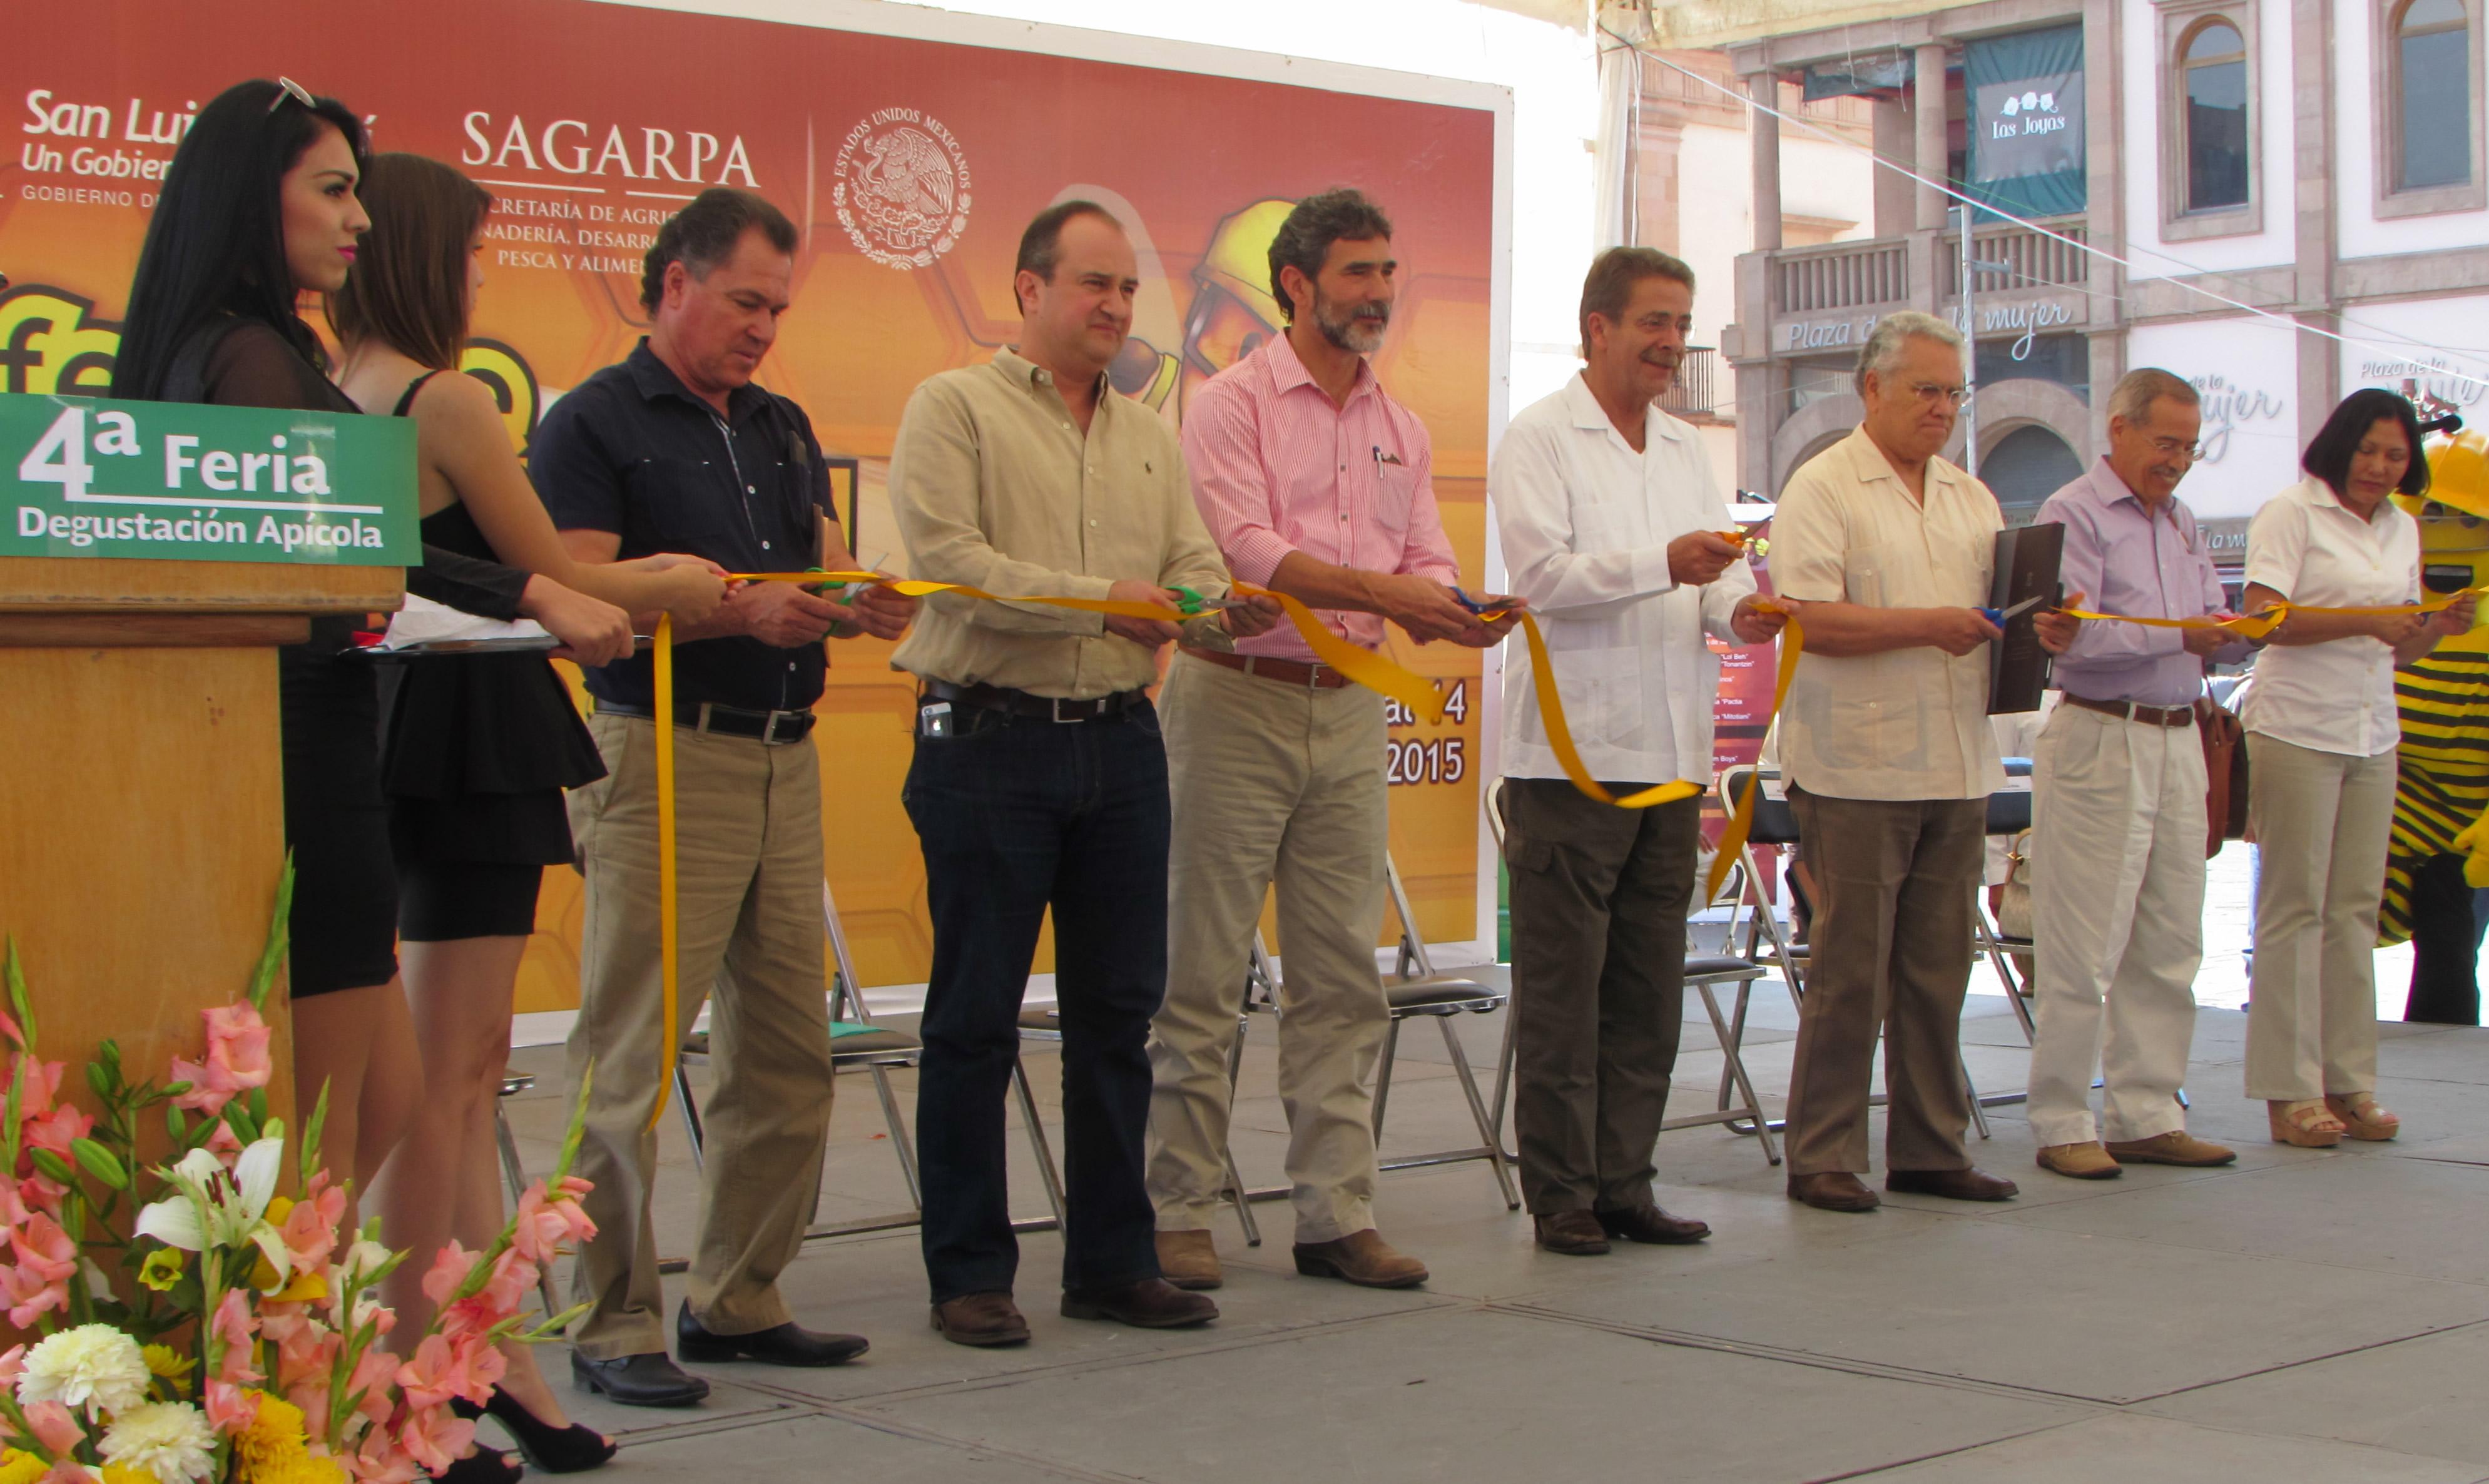 La SAGARPA, en coordinación  con el gobierno de San Luis Potosí y el Comité Estatal del Sistema Producto Apícola, lleva a cabo la Cuarta Feria de Degustación Apícola los días 12, 13 y 14 de junio en la Plaza de Fundadores de esta capital.